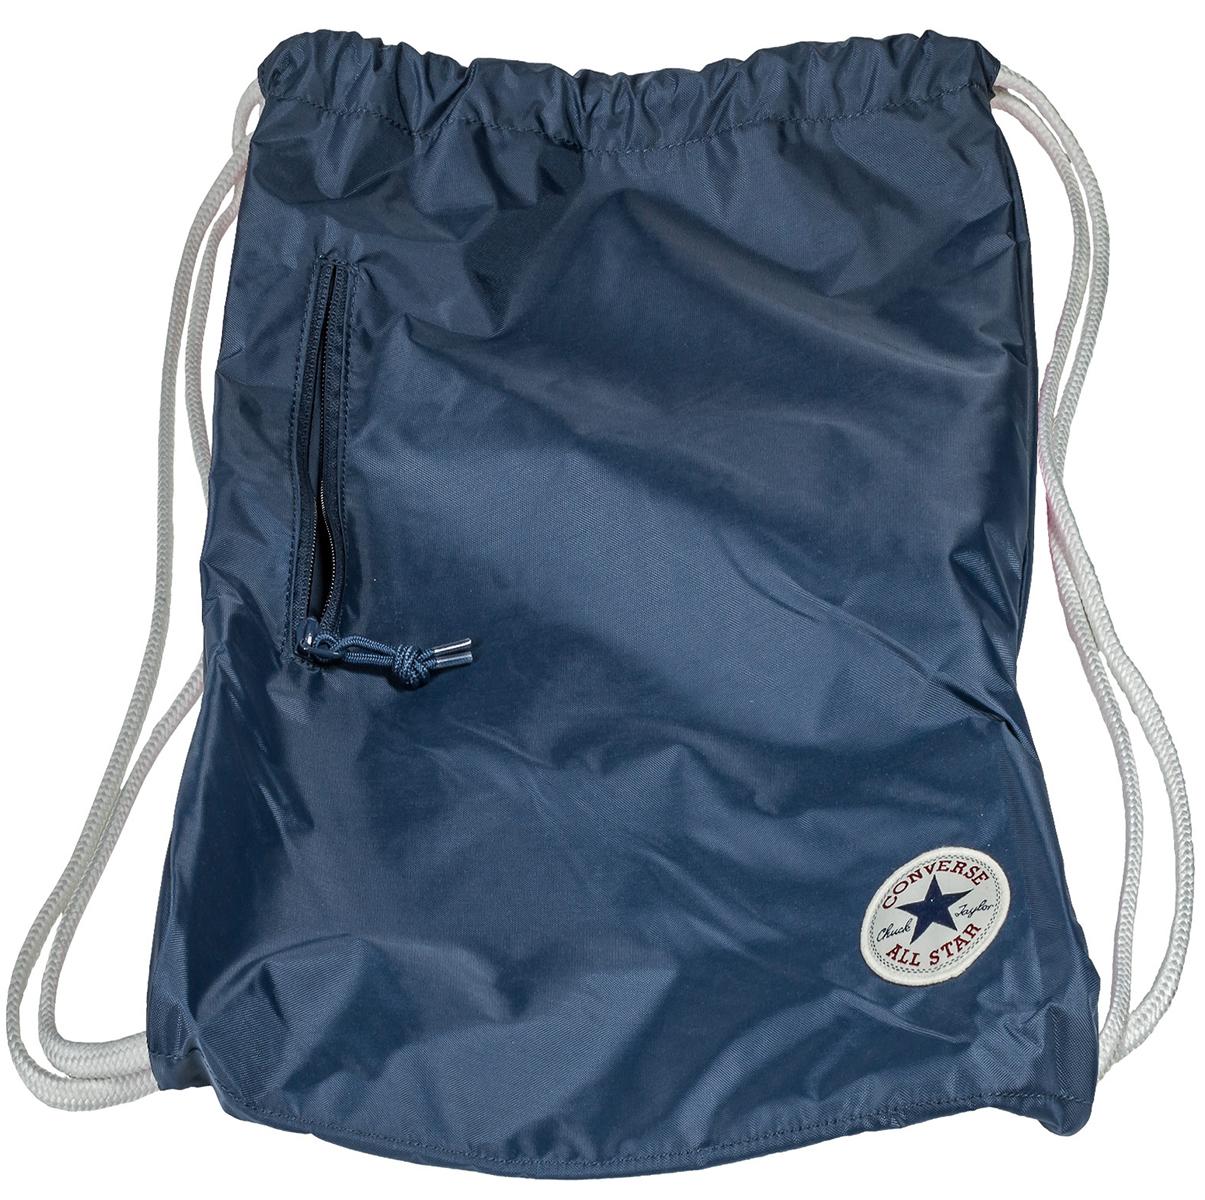 Рюкзак Converse, цвет: синий. 10003340410BP-001 BKСпортивный рюкзак Converse выполнен из текстиля. Модель с одним отделением на затягивающемся шнурке и тонких лямках.